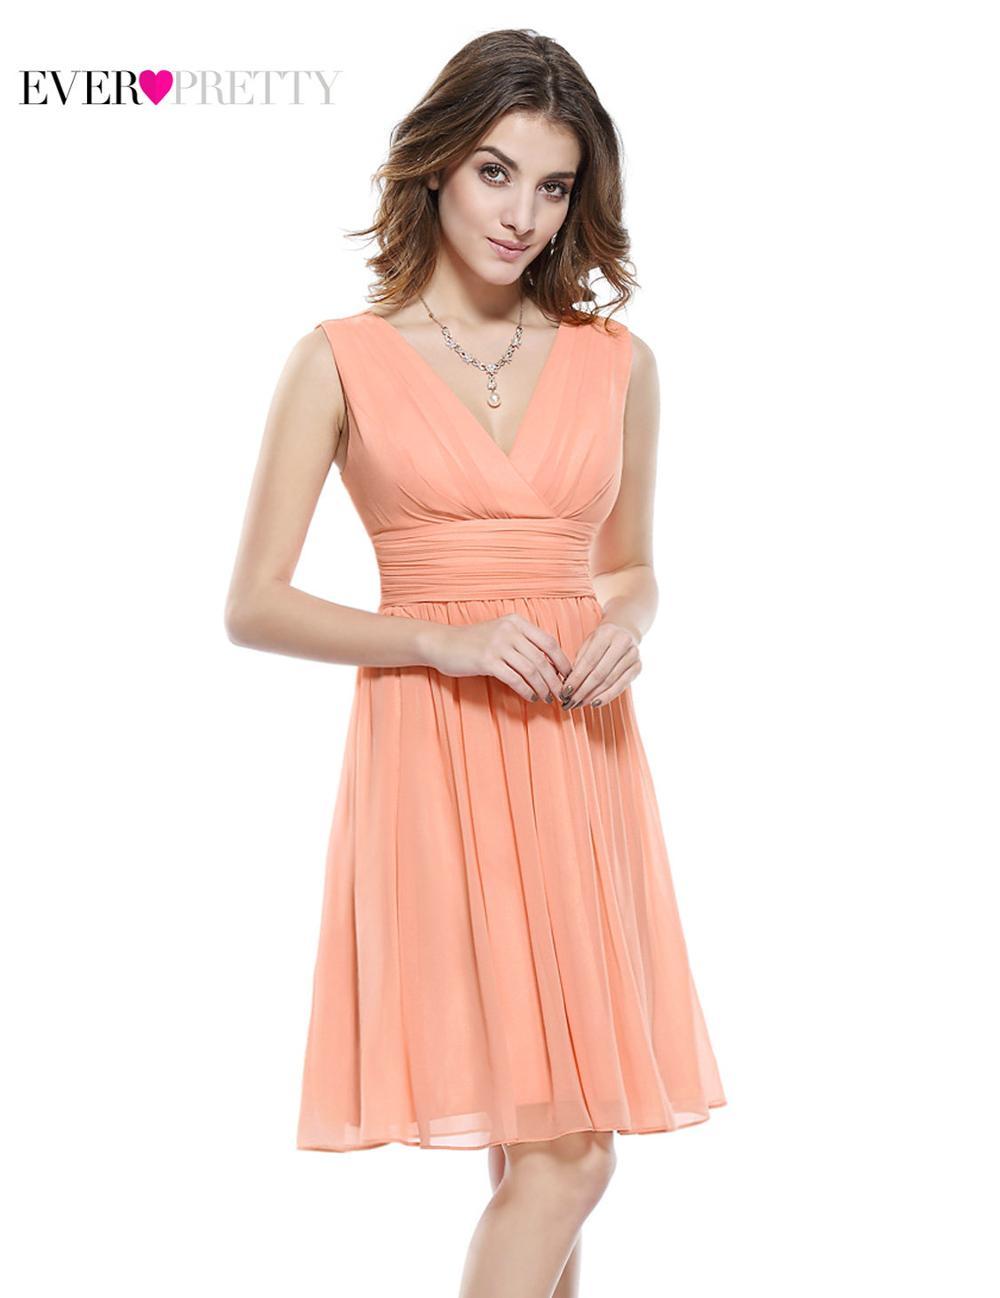 Цветы розовый персик коралловый цвет одно плечо шифон короткие элегантные коктейльные платья HE03535 новое поступление - Цвет: EP03989PE